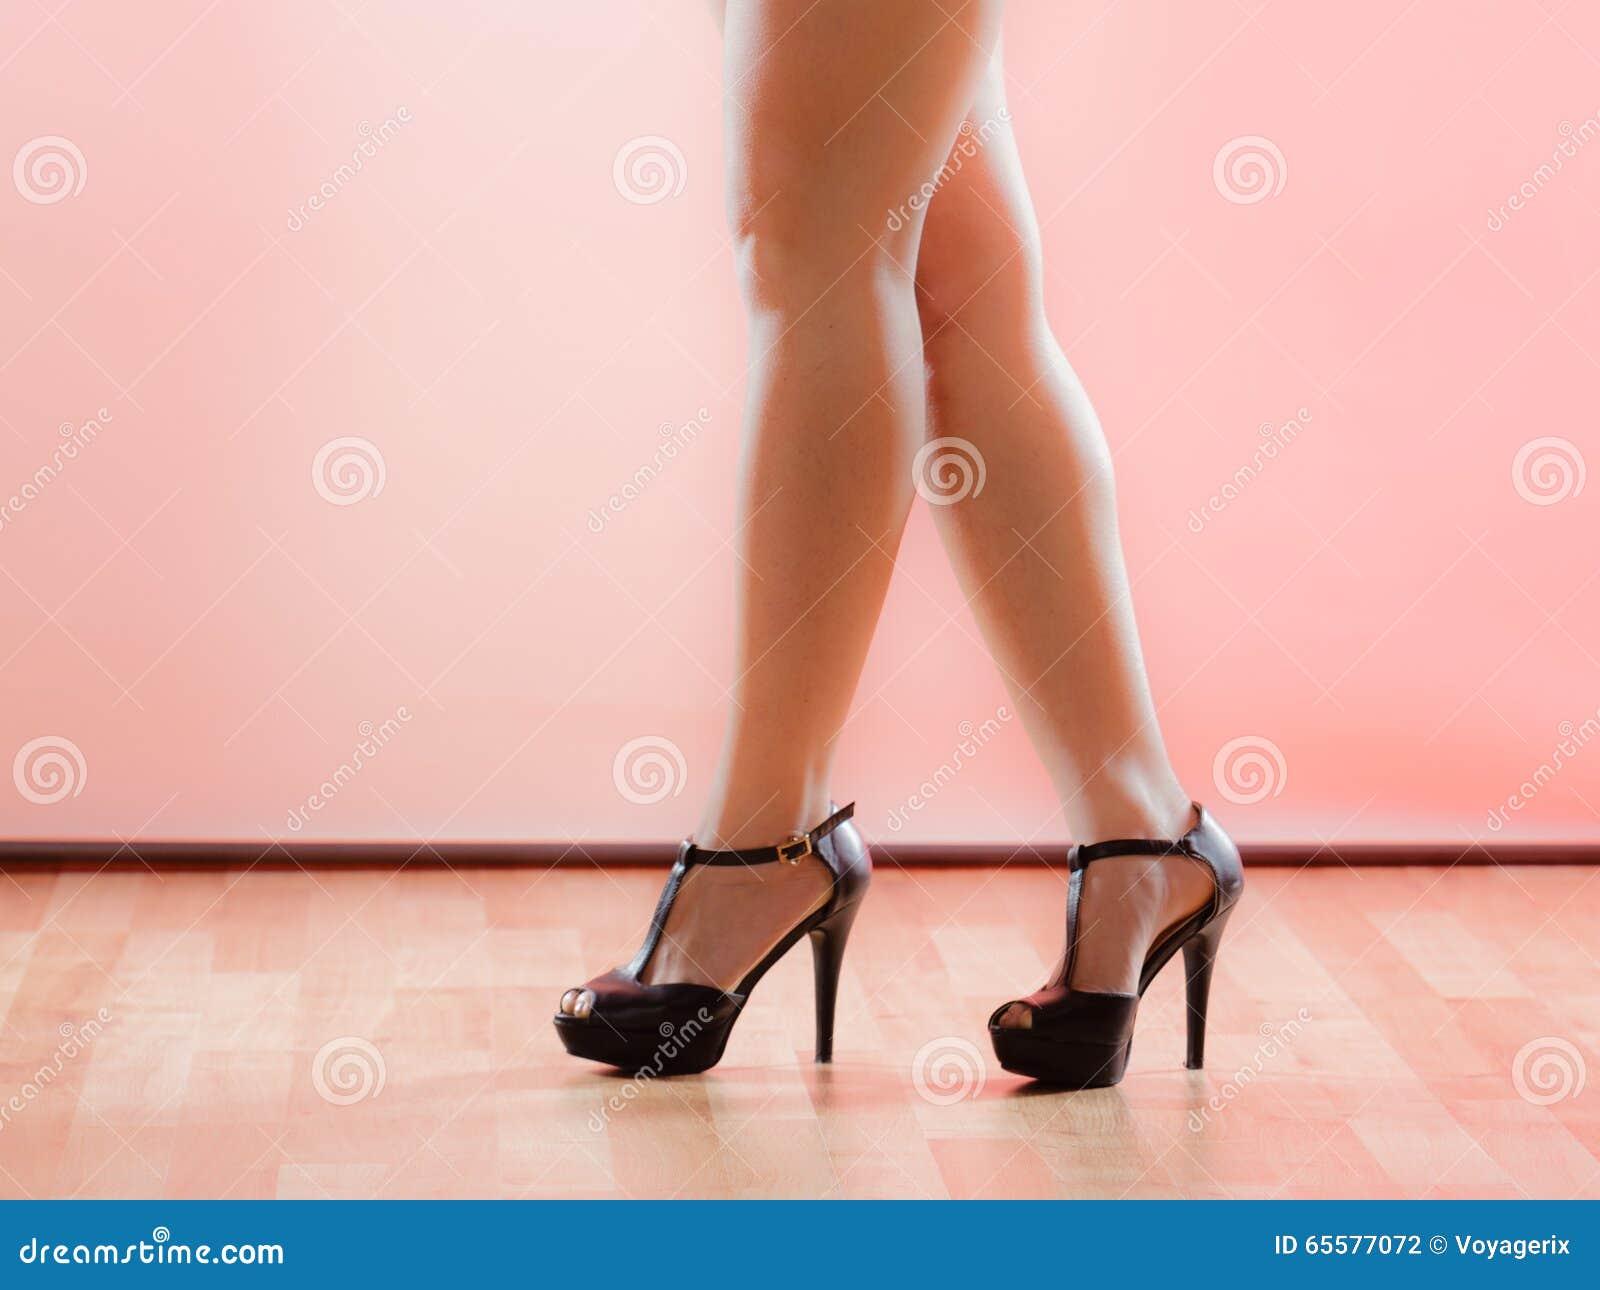 Sapatas dos saltos altos nos pés fêmeas  sexy